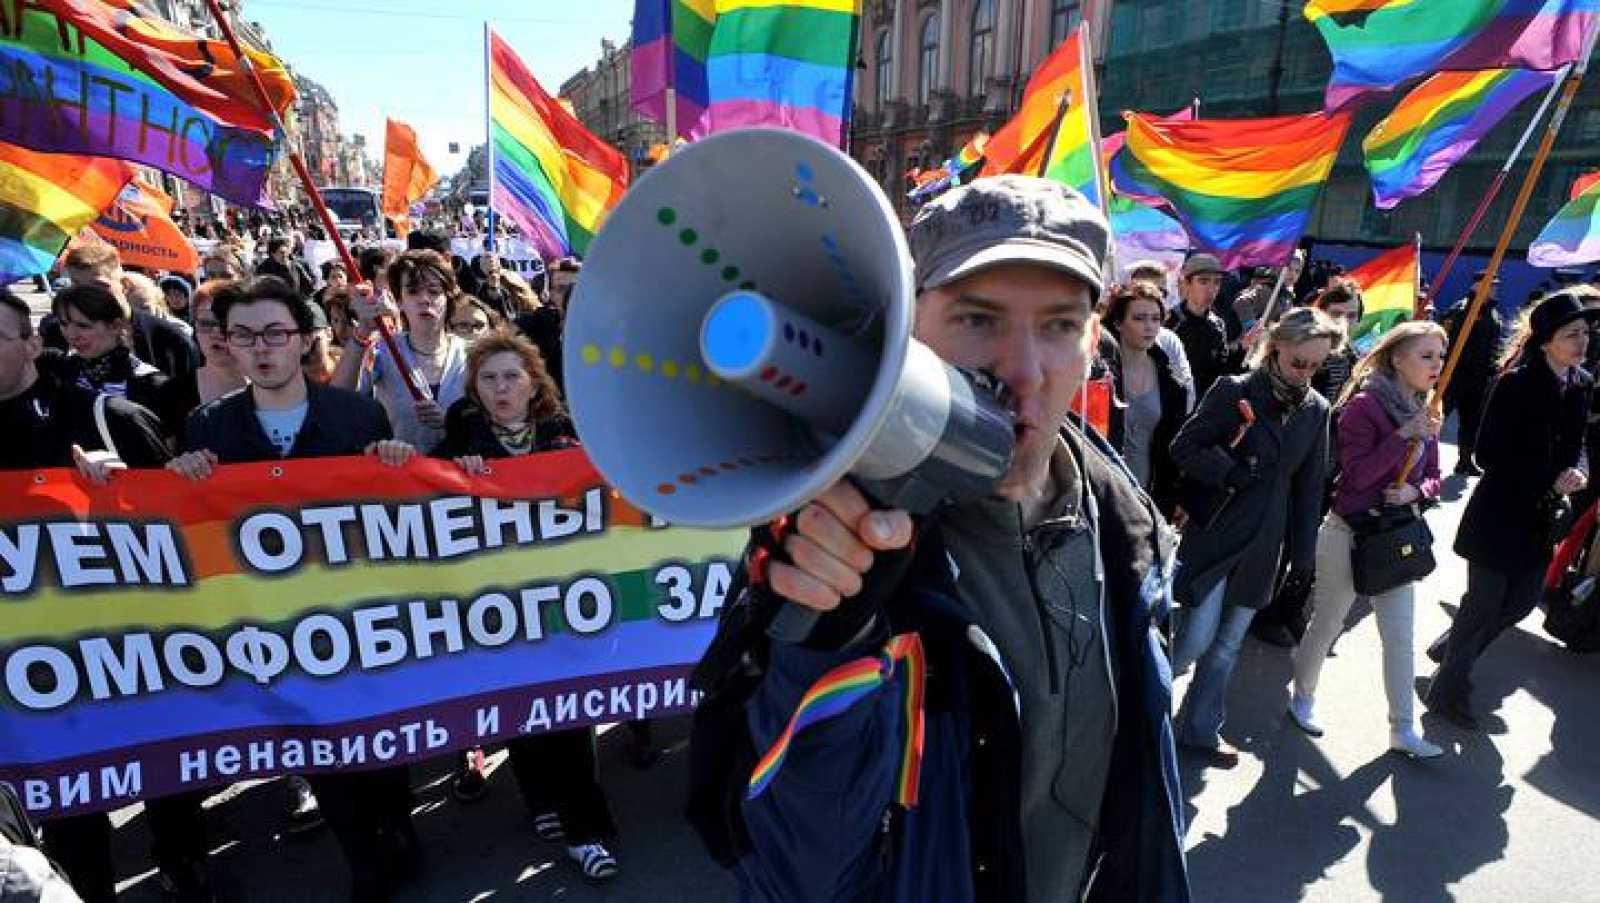 Marcha contra la homofobia en Rusia